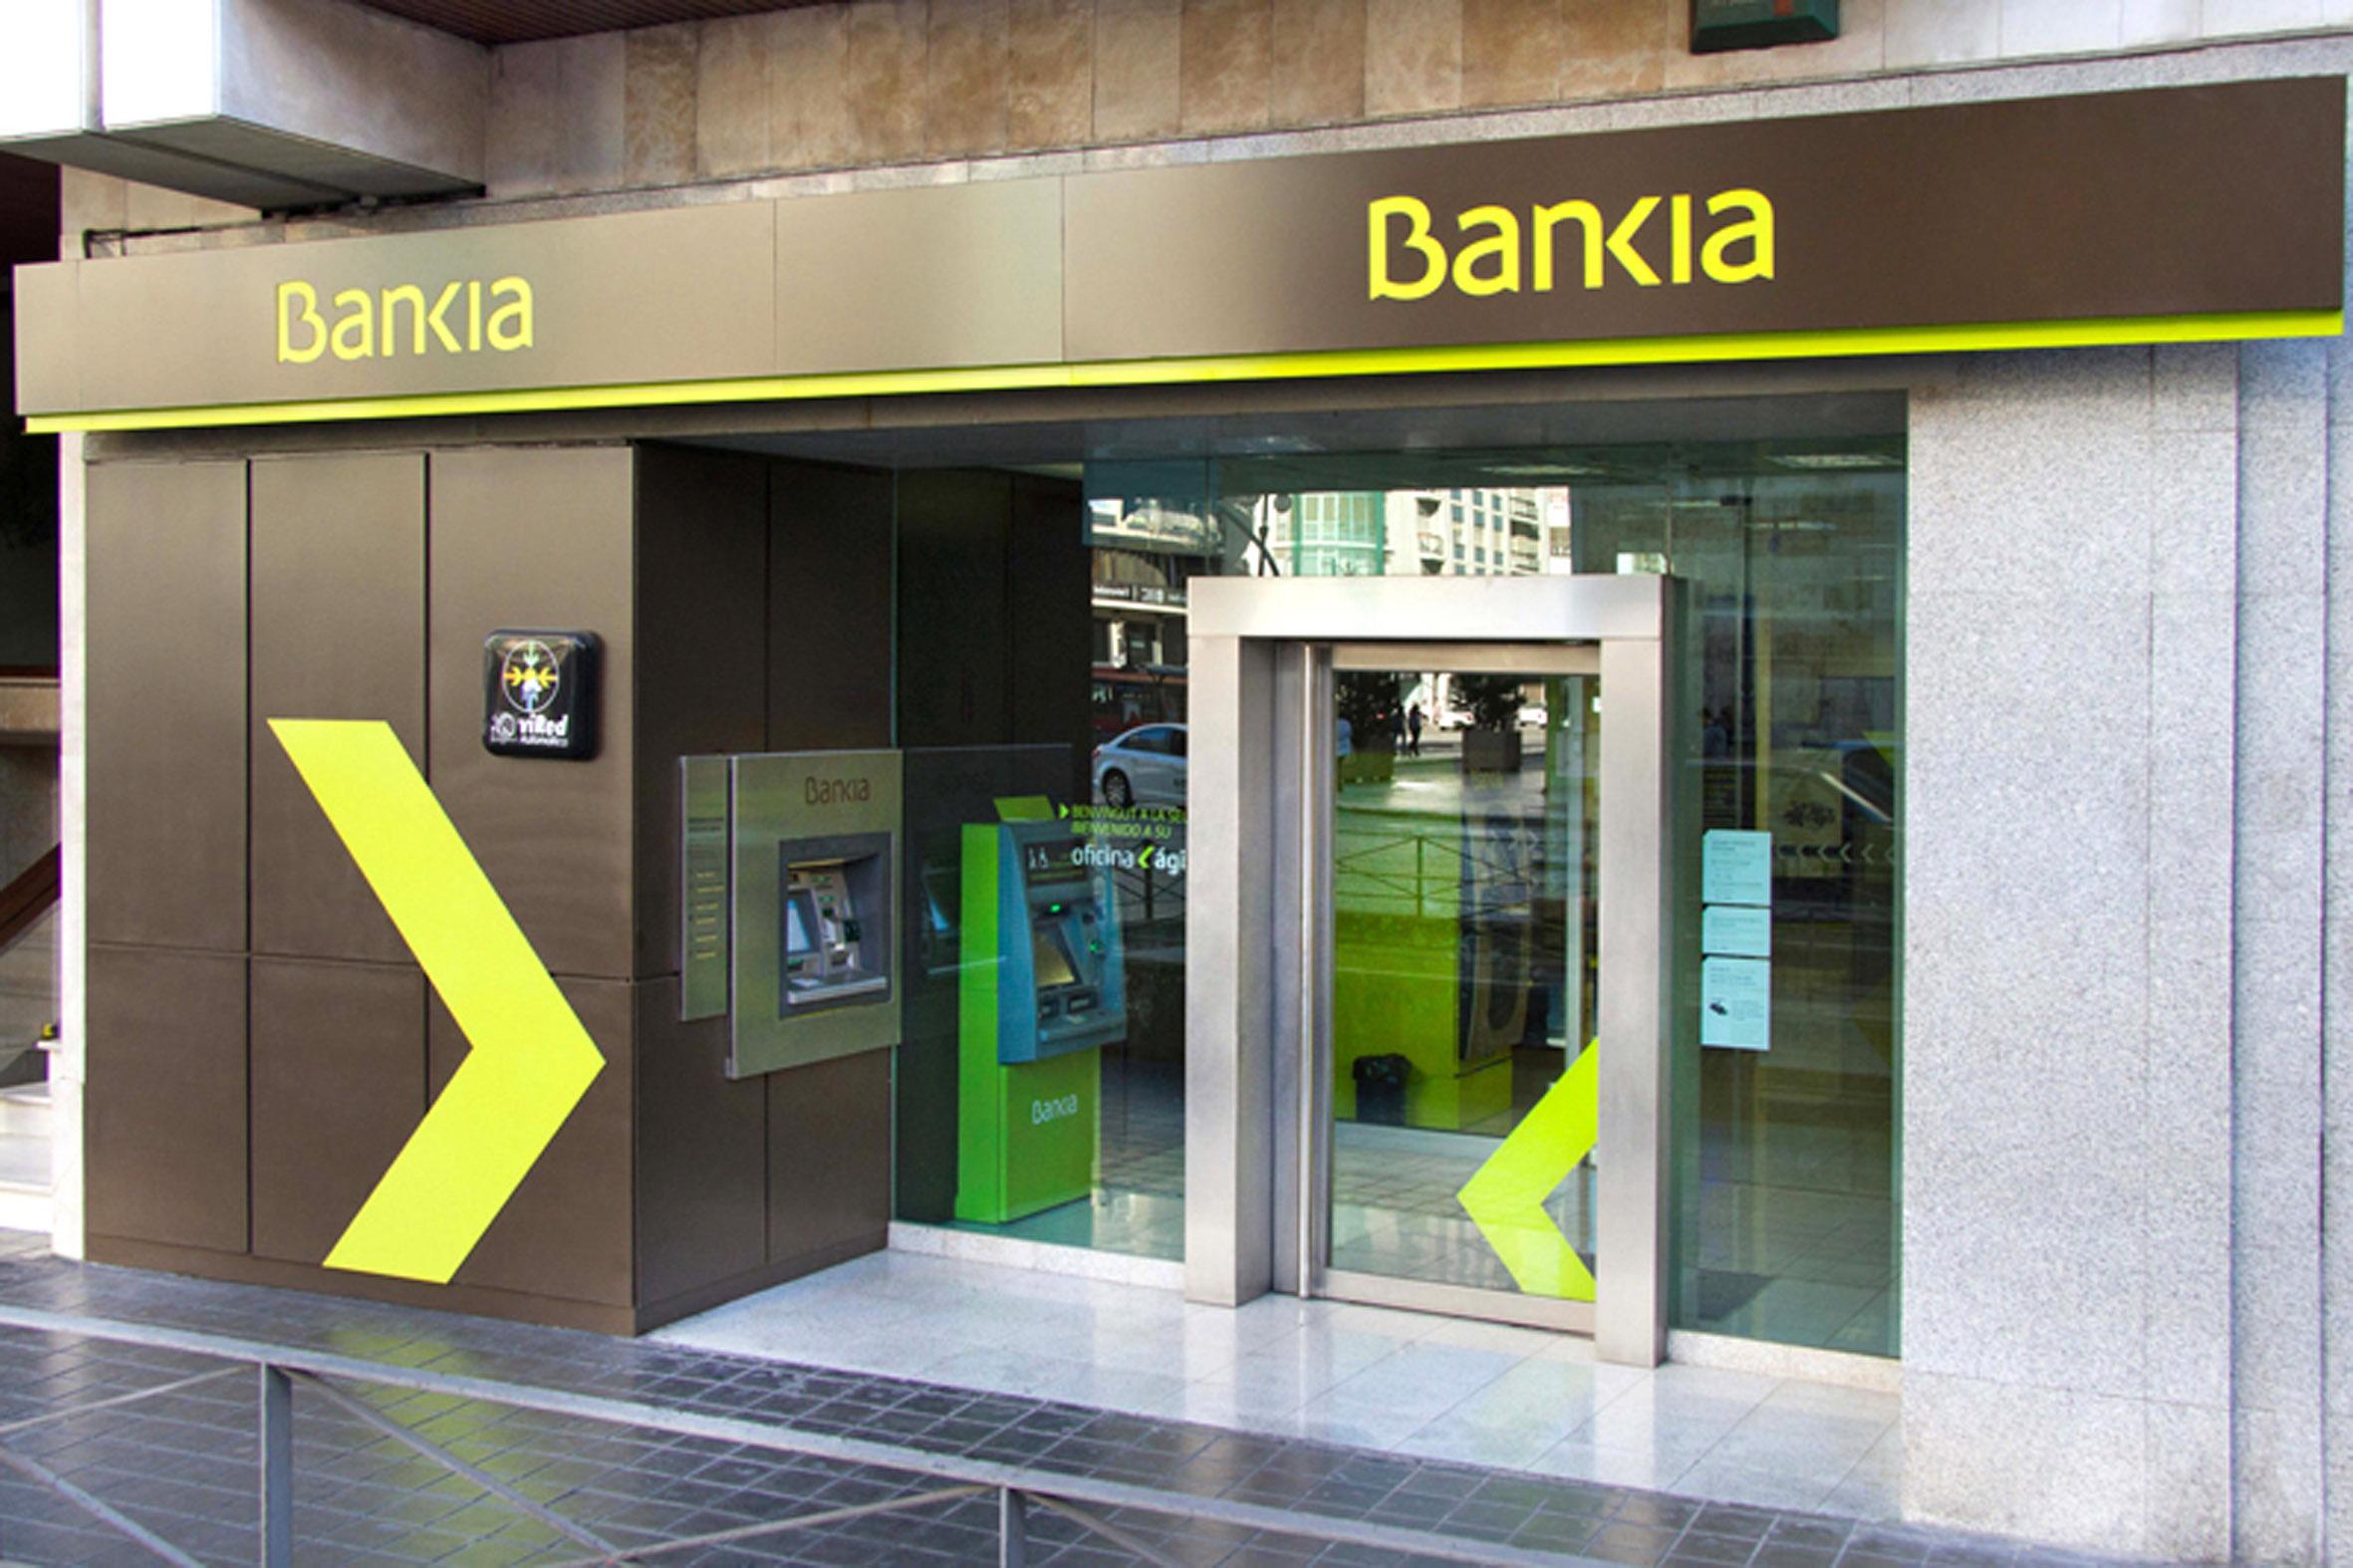 Bankia capt un 5 m s de clientes con n mina el a o for Oficina 2038 bankia